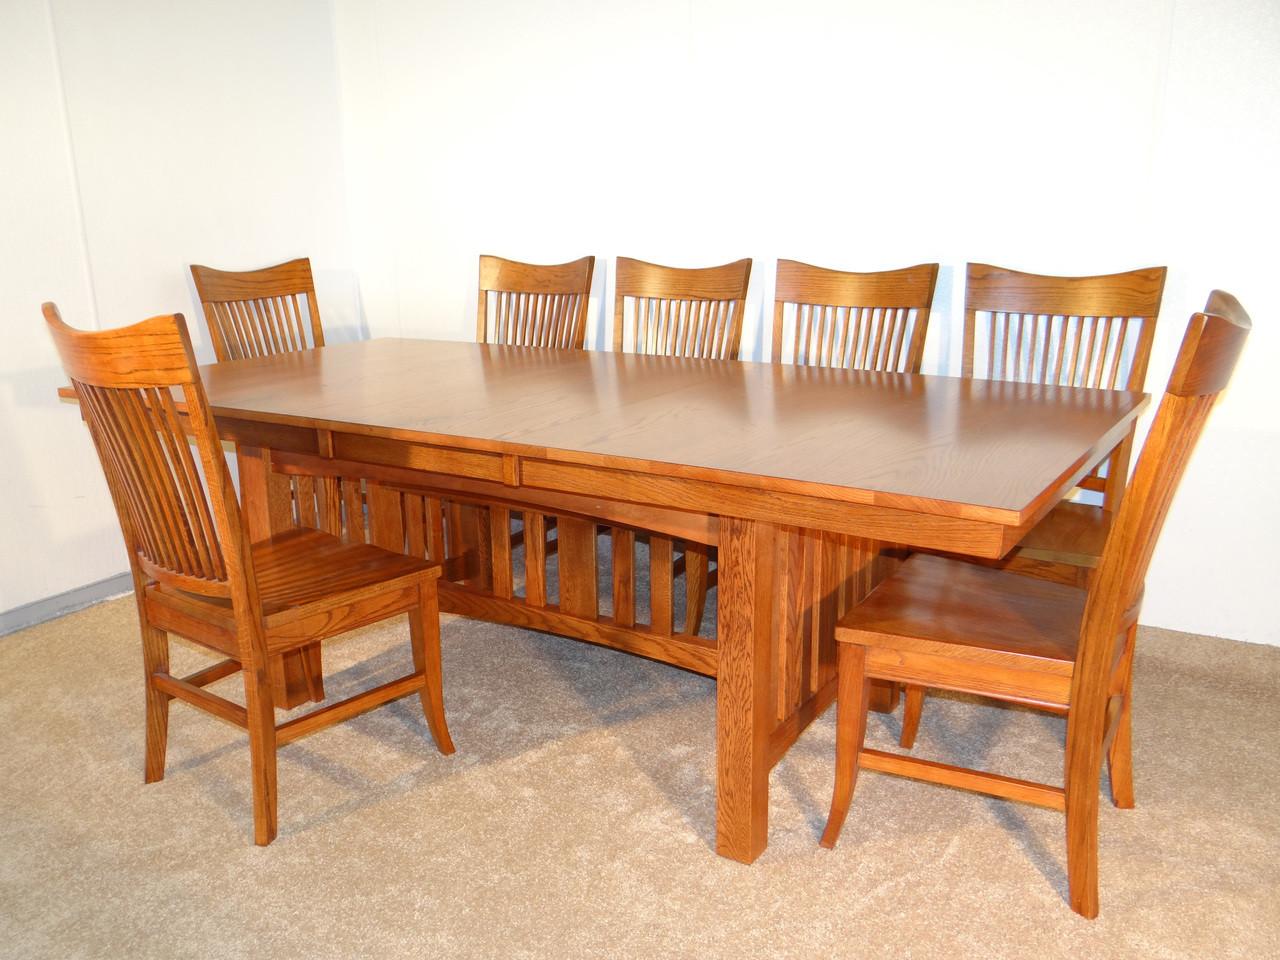 Mission Hills Solid Oak Dining Table Set